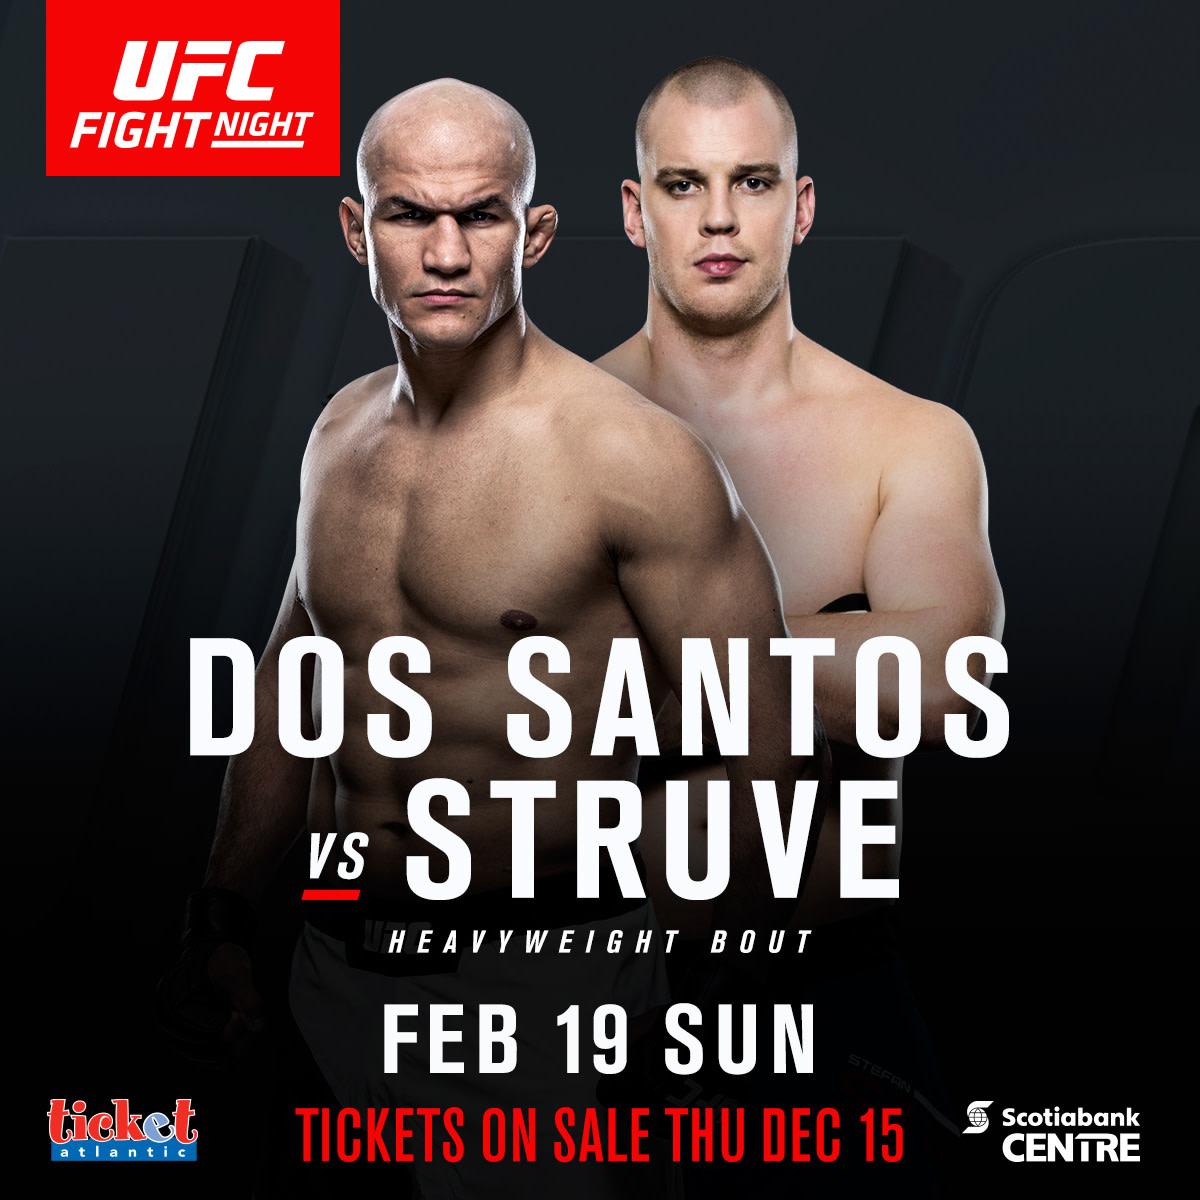 UFC Fight Night 105